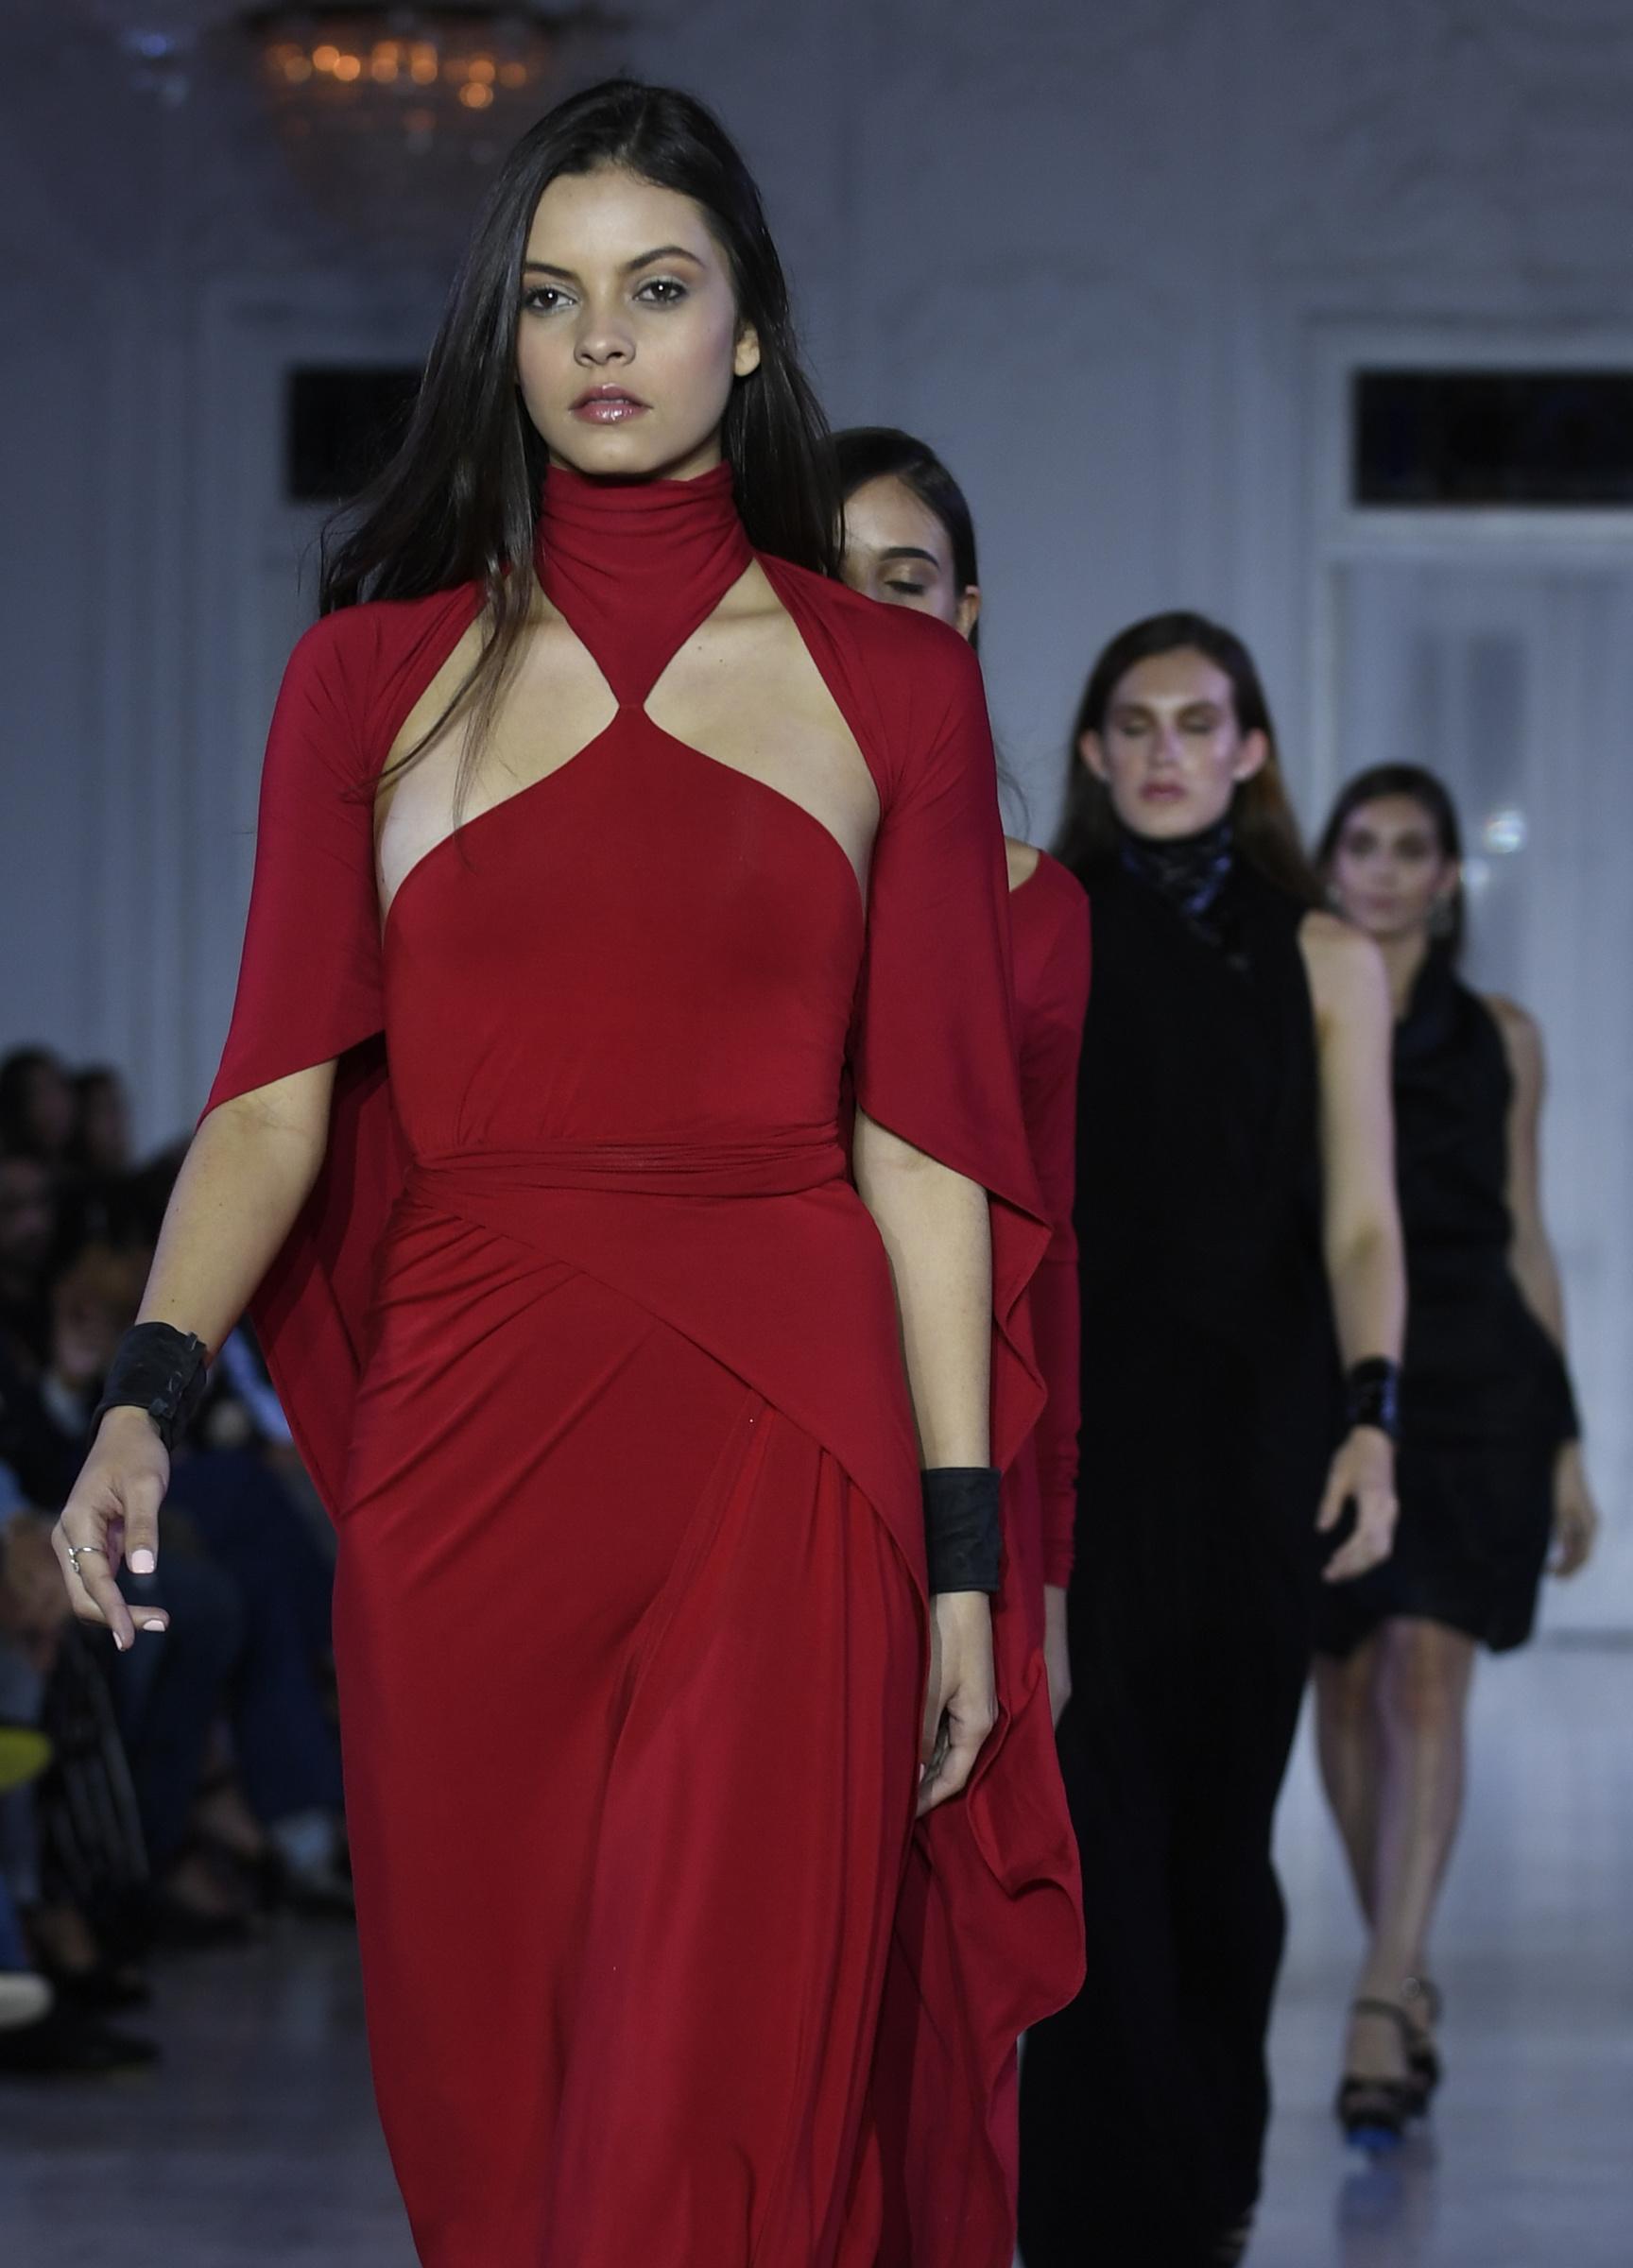 Jeanette Limas se llevó una ovación por sus vestidos rojos. Foto Ángel Luis García